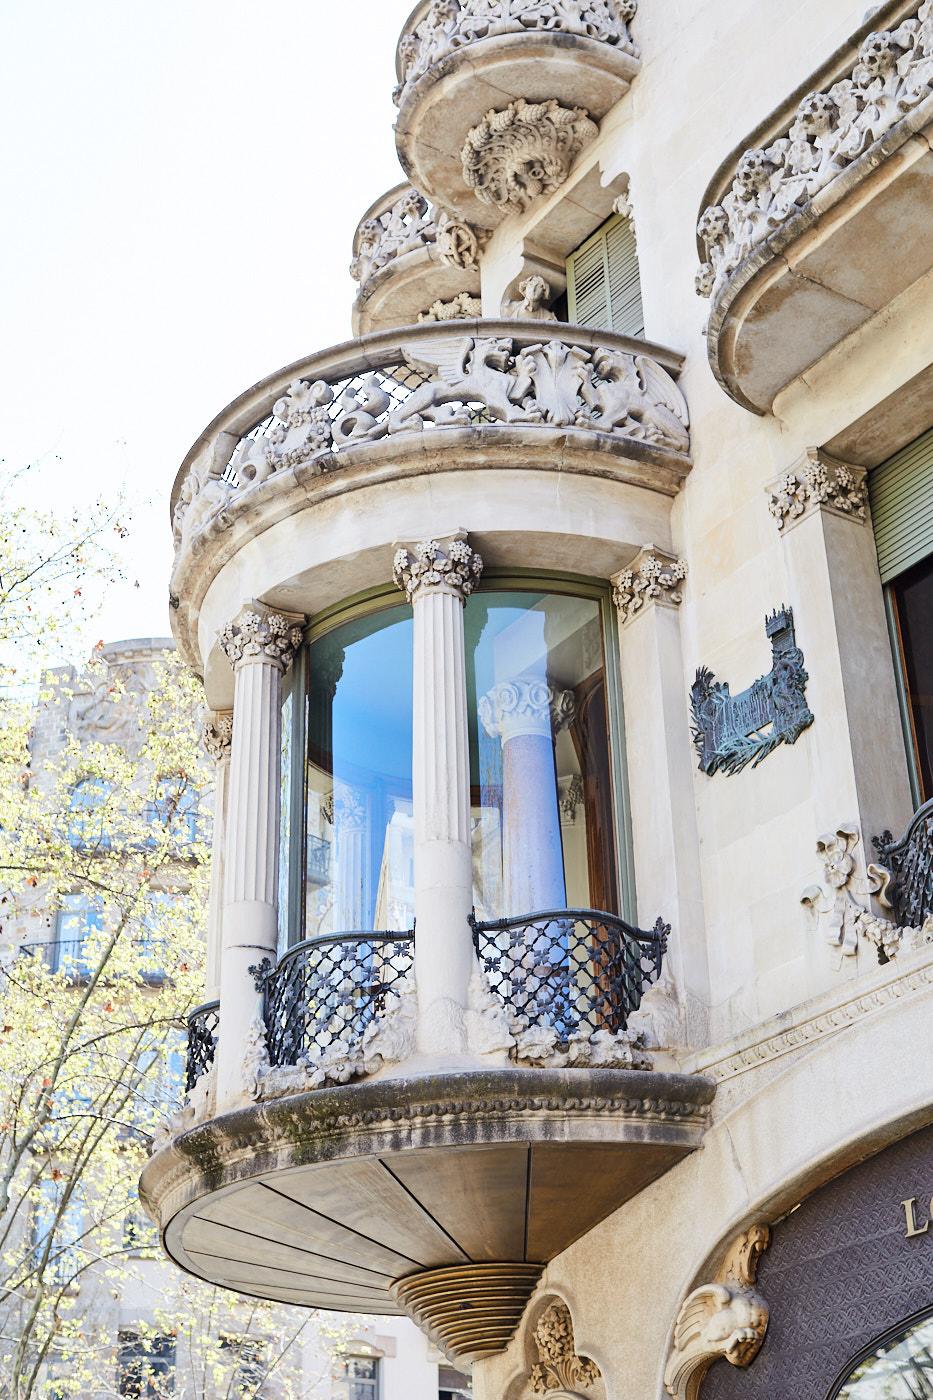 studio-sophy-barcelona-IMG_6012x.jpg